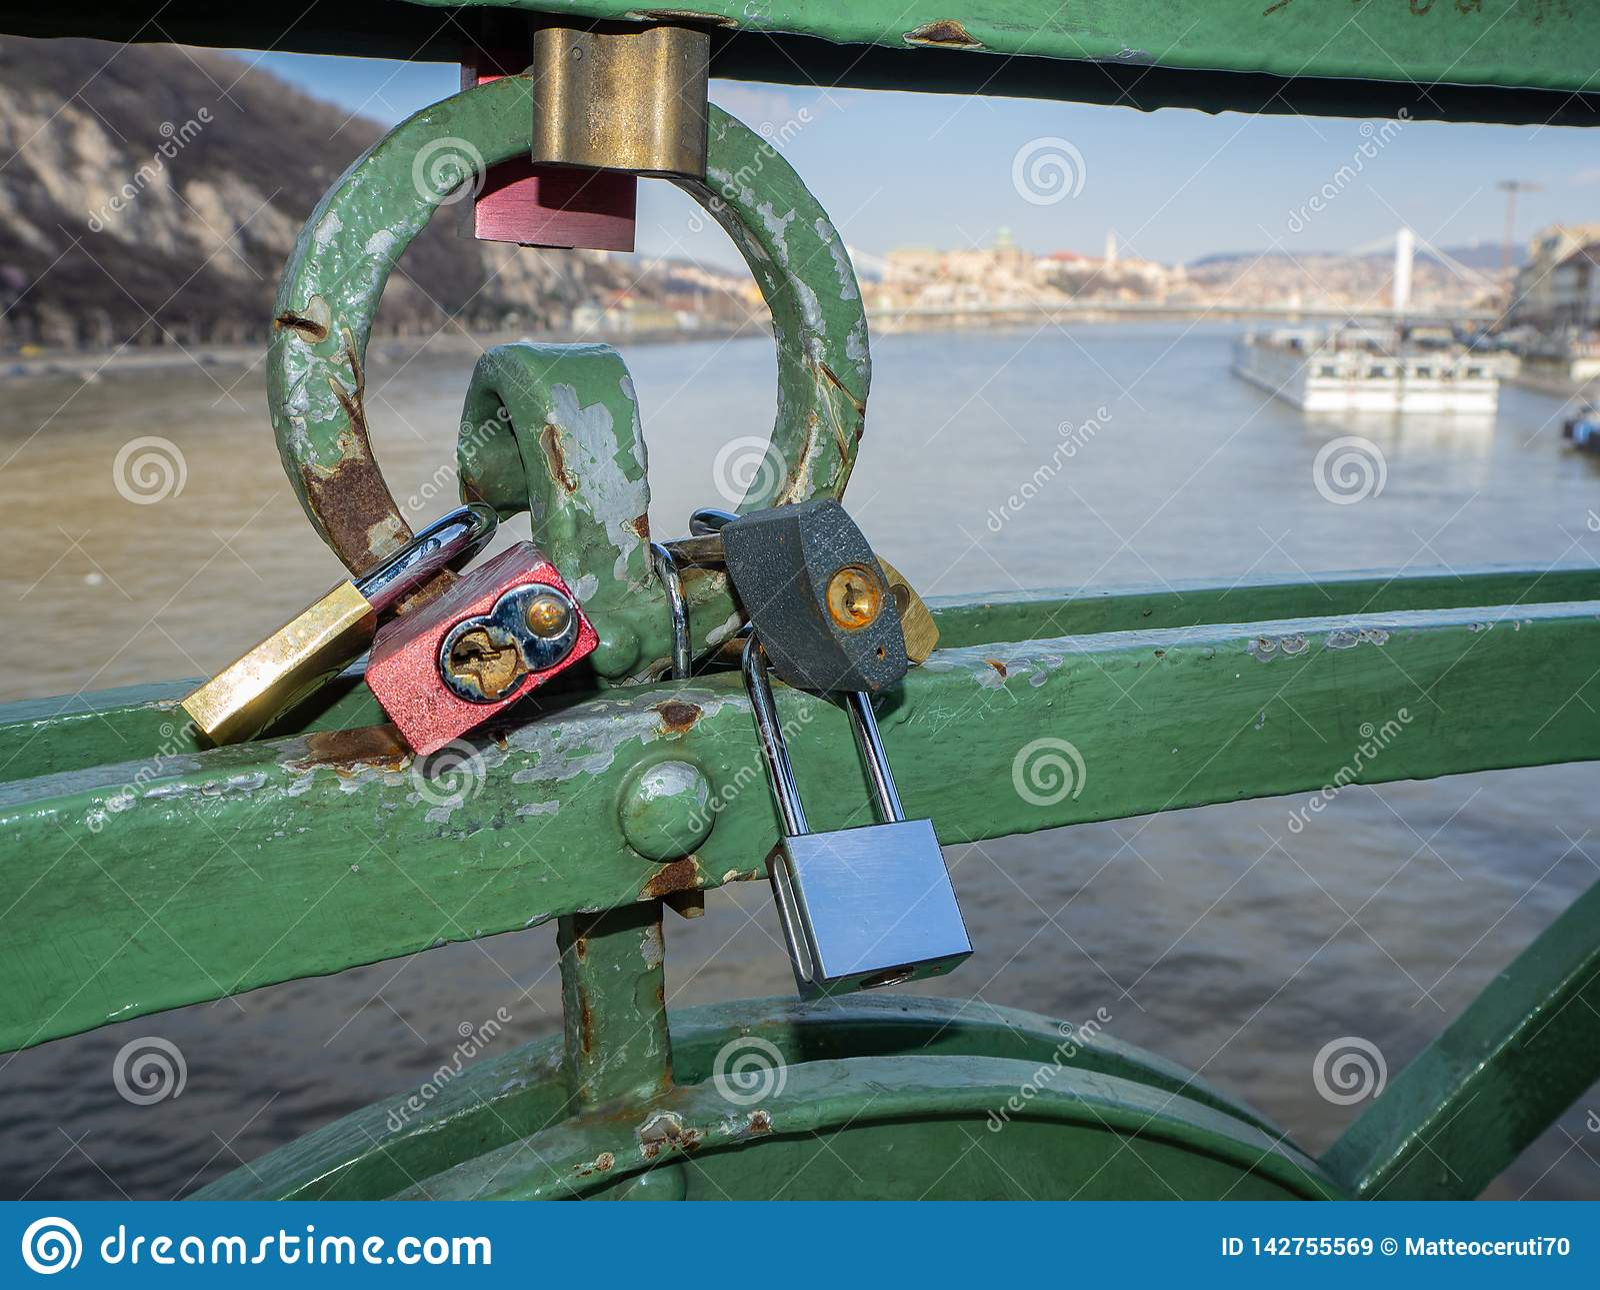 Βουδαπέστη, Ουγγαρία Σύνολο λουκέτων με τα μηνύματα της αγάπης στη γέφυρα ελευθερίας ή τη γέφυρα ελευθερίας